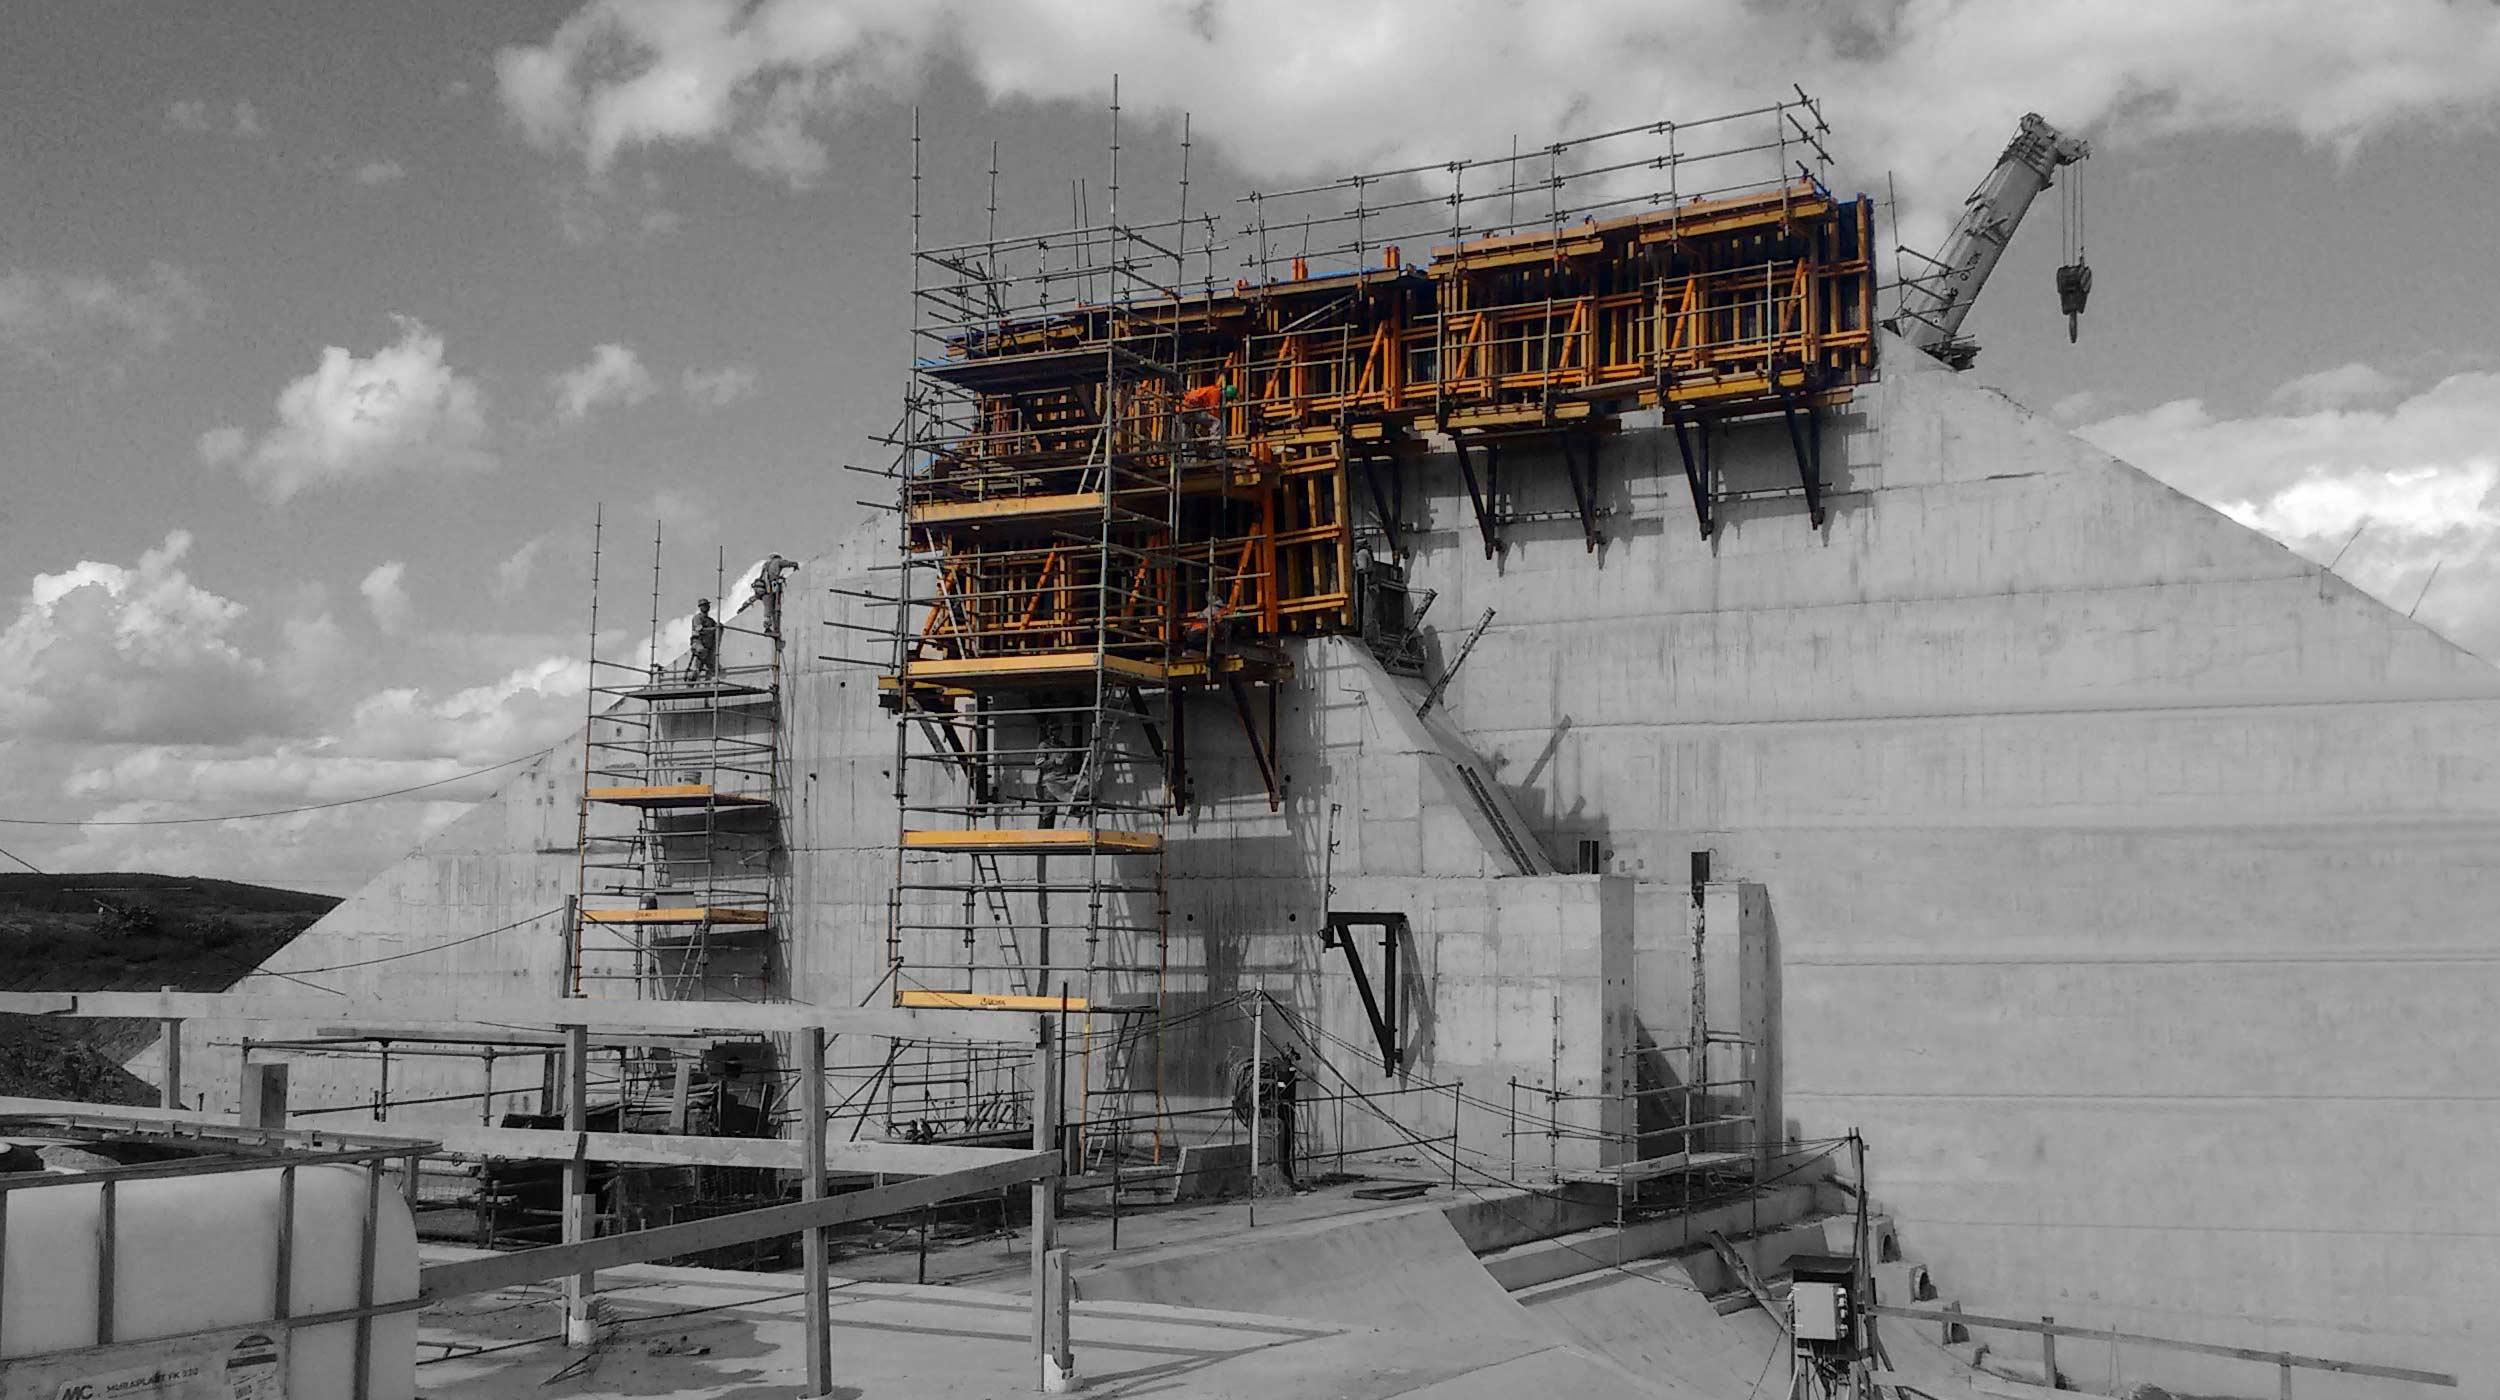 A Tractebel Energia, uma das maiores geradoras de energia elétrica privada do país, está construindo a mais nova UTE do Sul do país, a Usina Termelétrica Pampa Sul. Com capacidade instalada total de 680 MW, composta por duas unidades de 340 MW, a usina está localizada em Candiota-RS